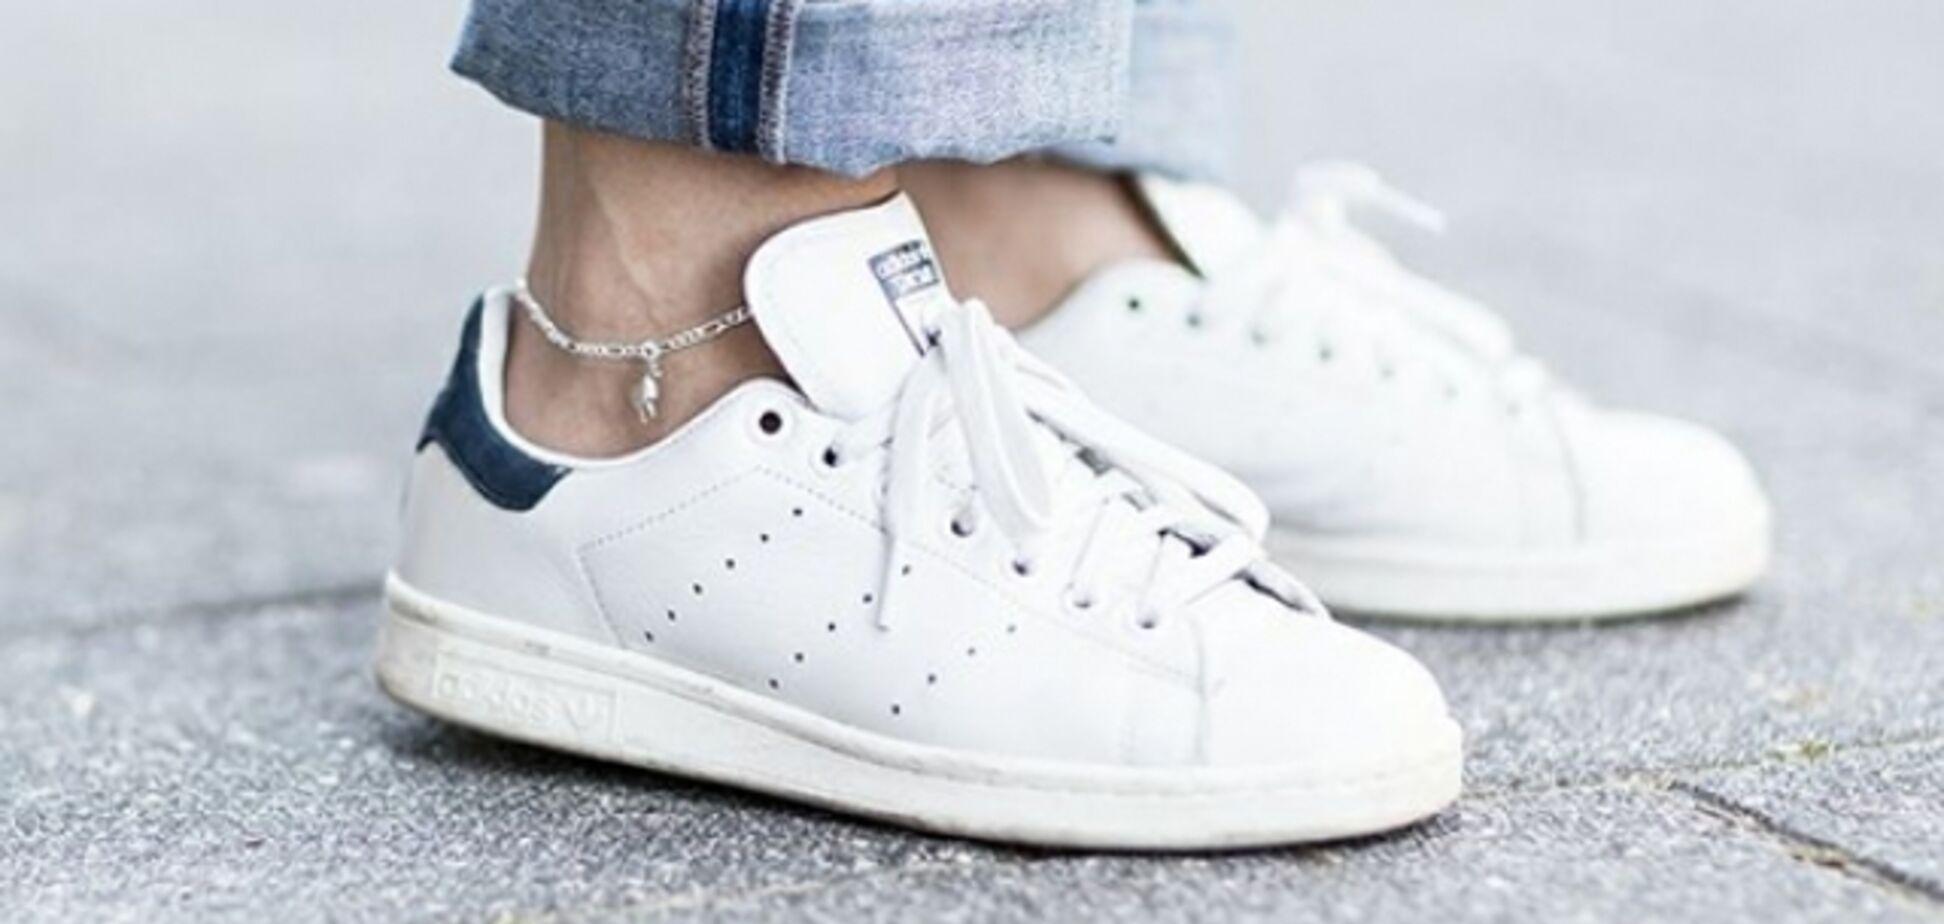 Американка показала, як відчистити кросівки, і прославилася